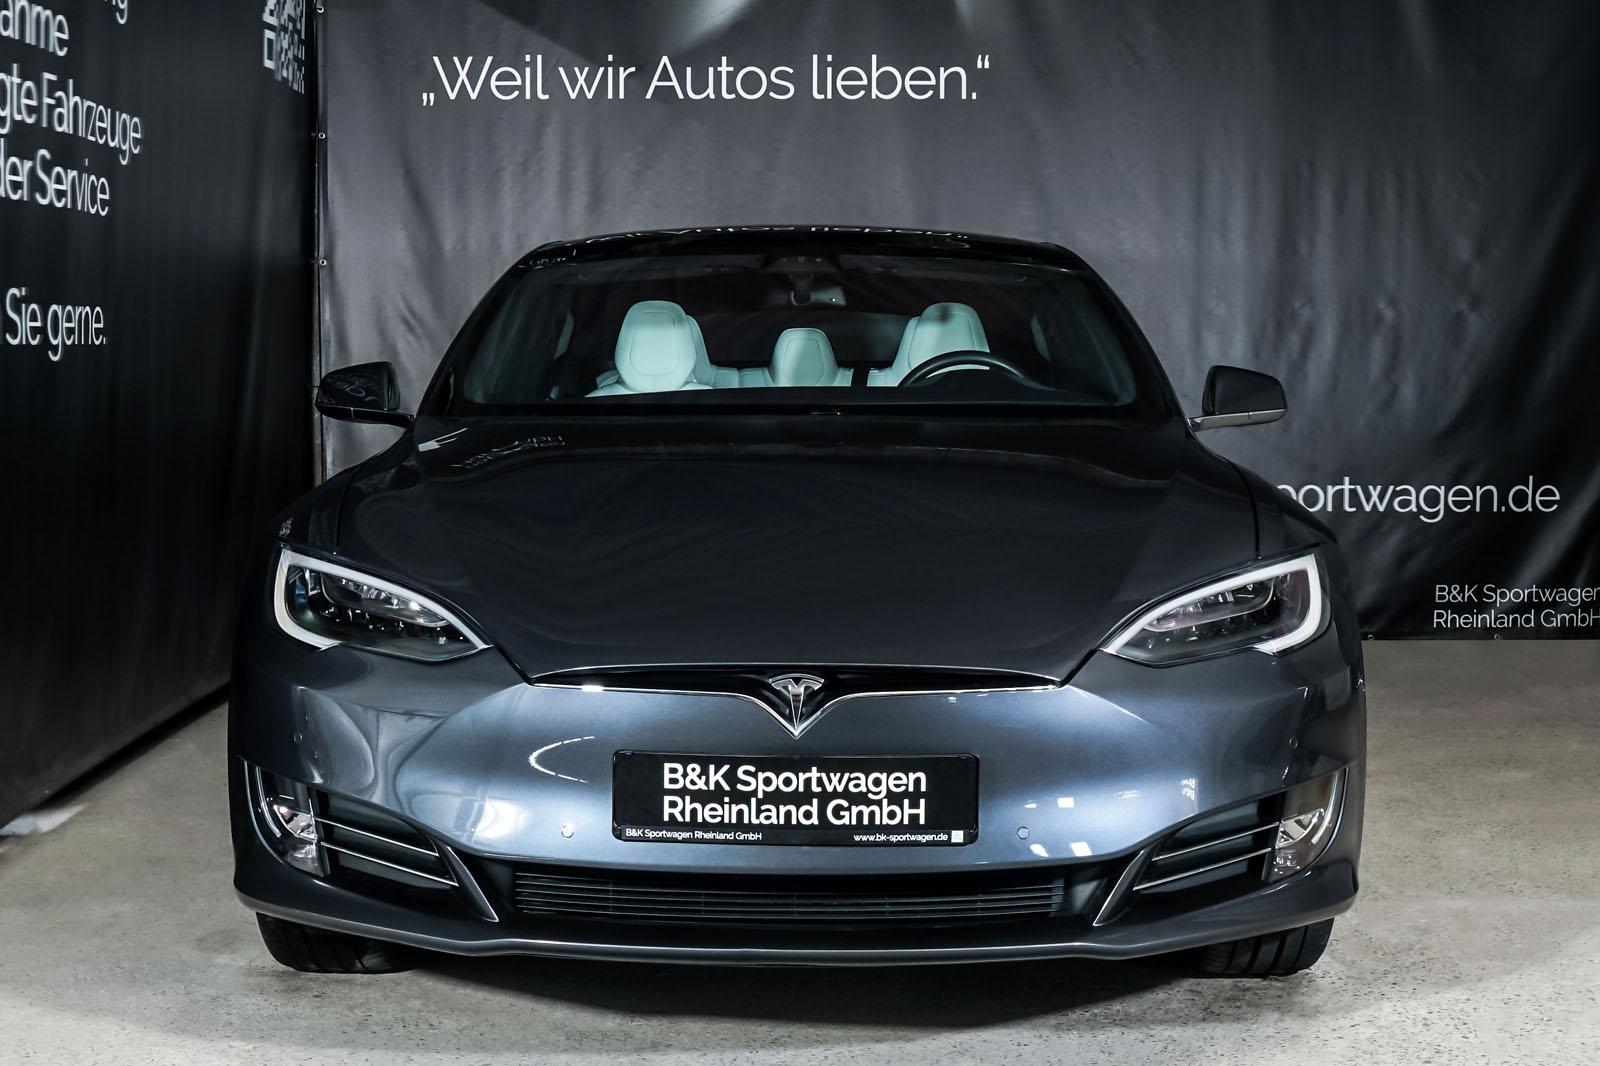 Tesla_Model_S_SilverShadow_Weiss_TES-2943_1_w